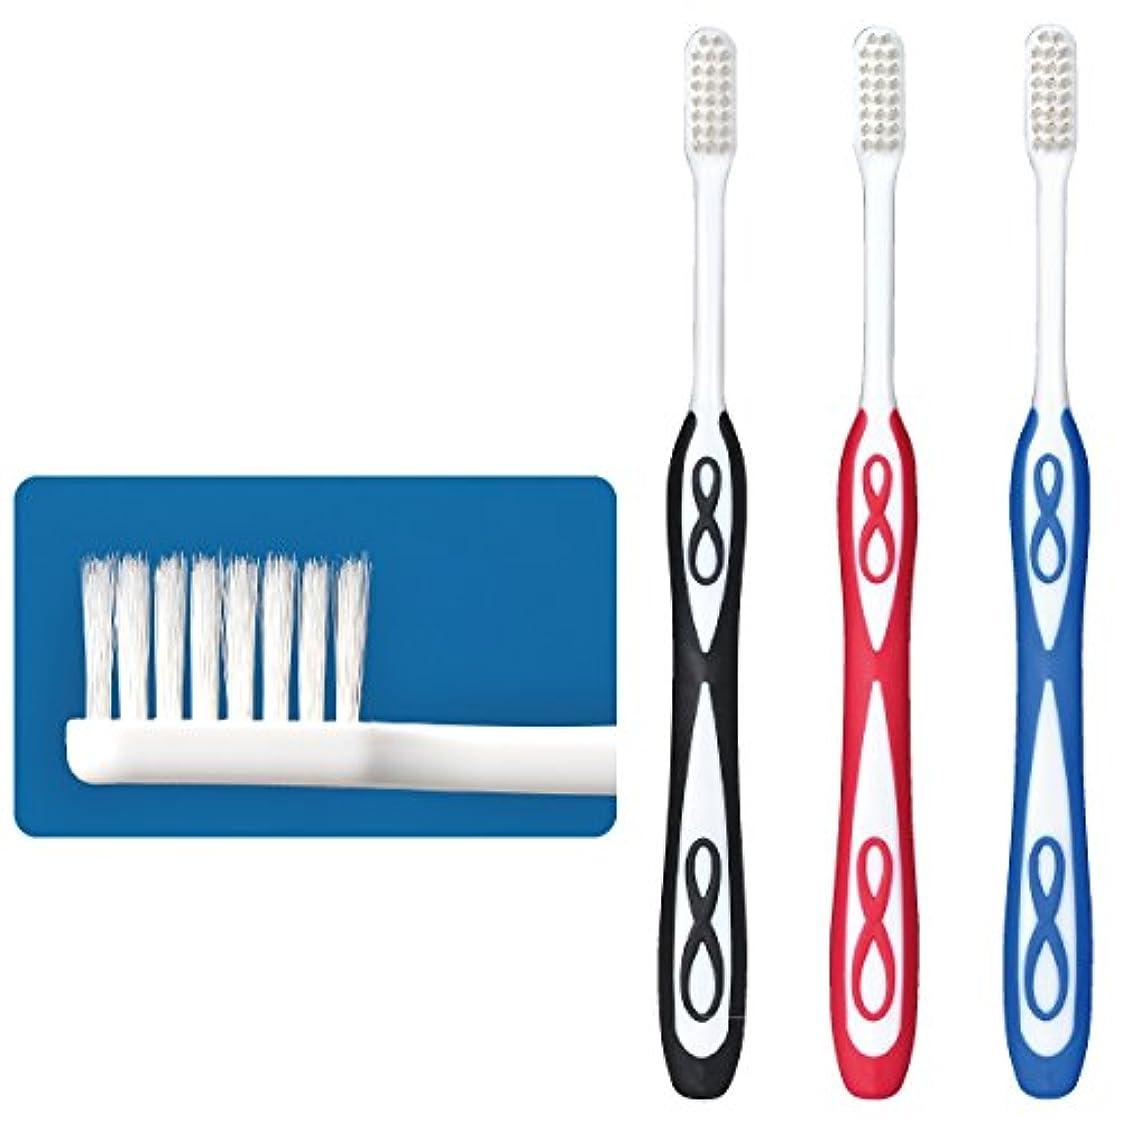 忌み嫌う宣教師腐食するLover8(ラバーエイト)歯ブラシ レギュラータイプ オールテーパー毛 Mふつう 30本入